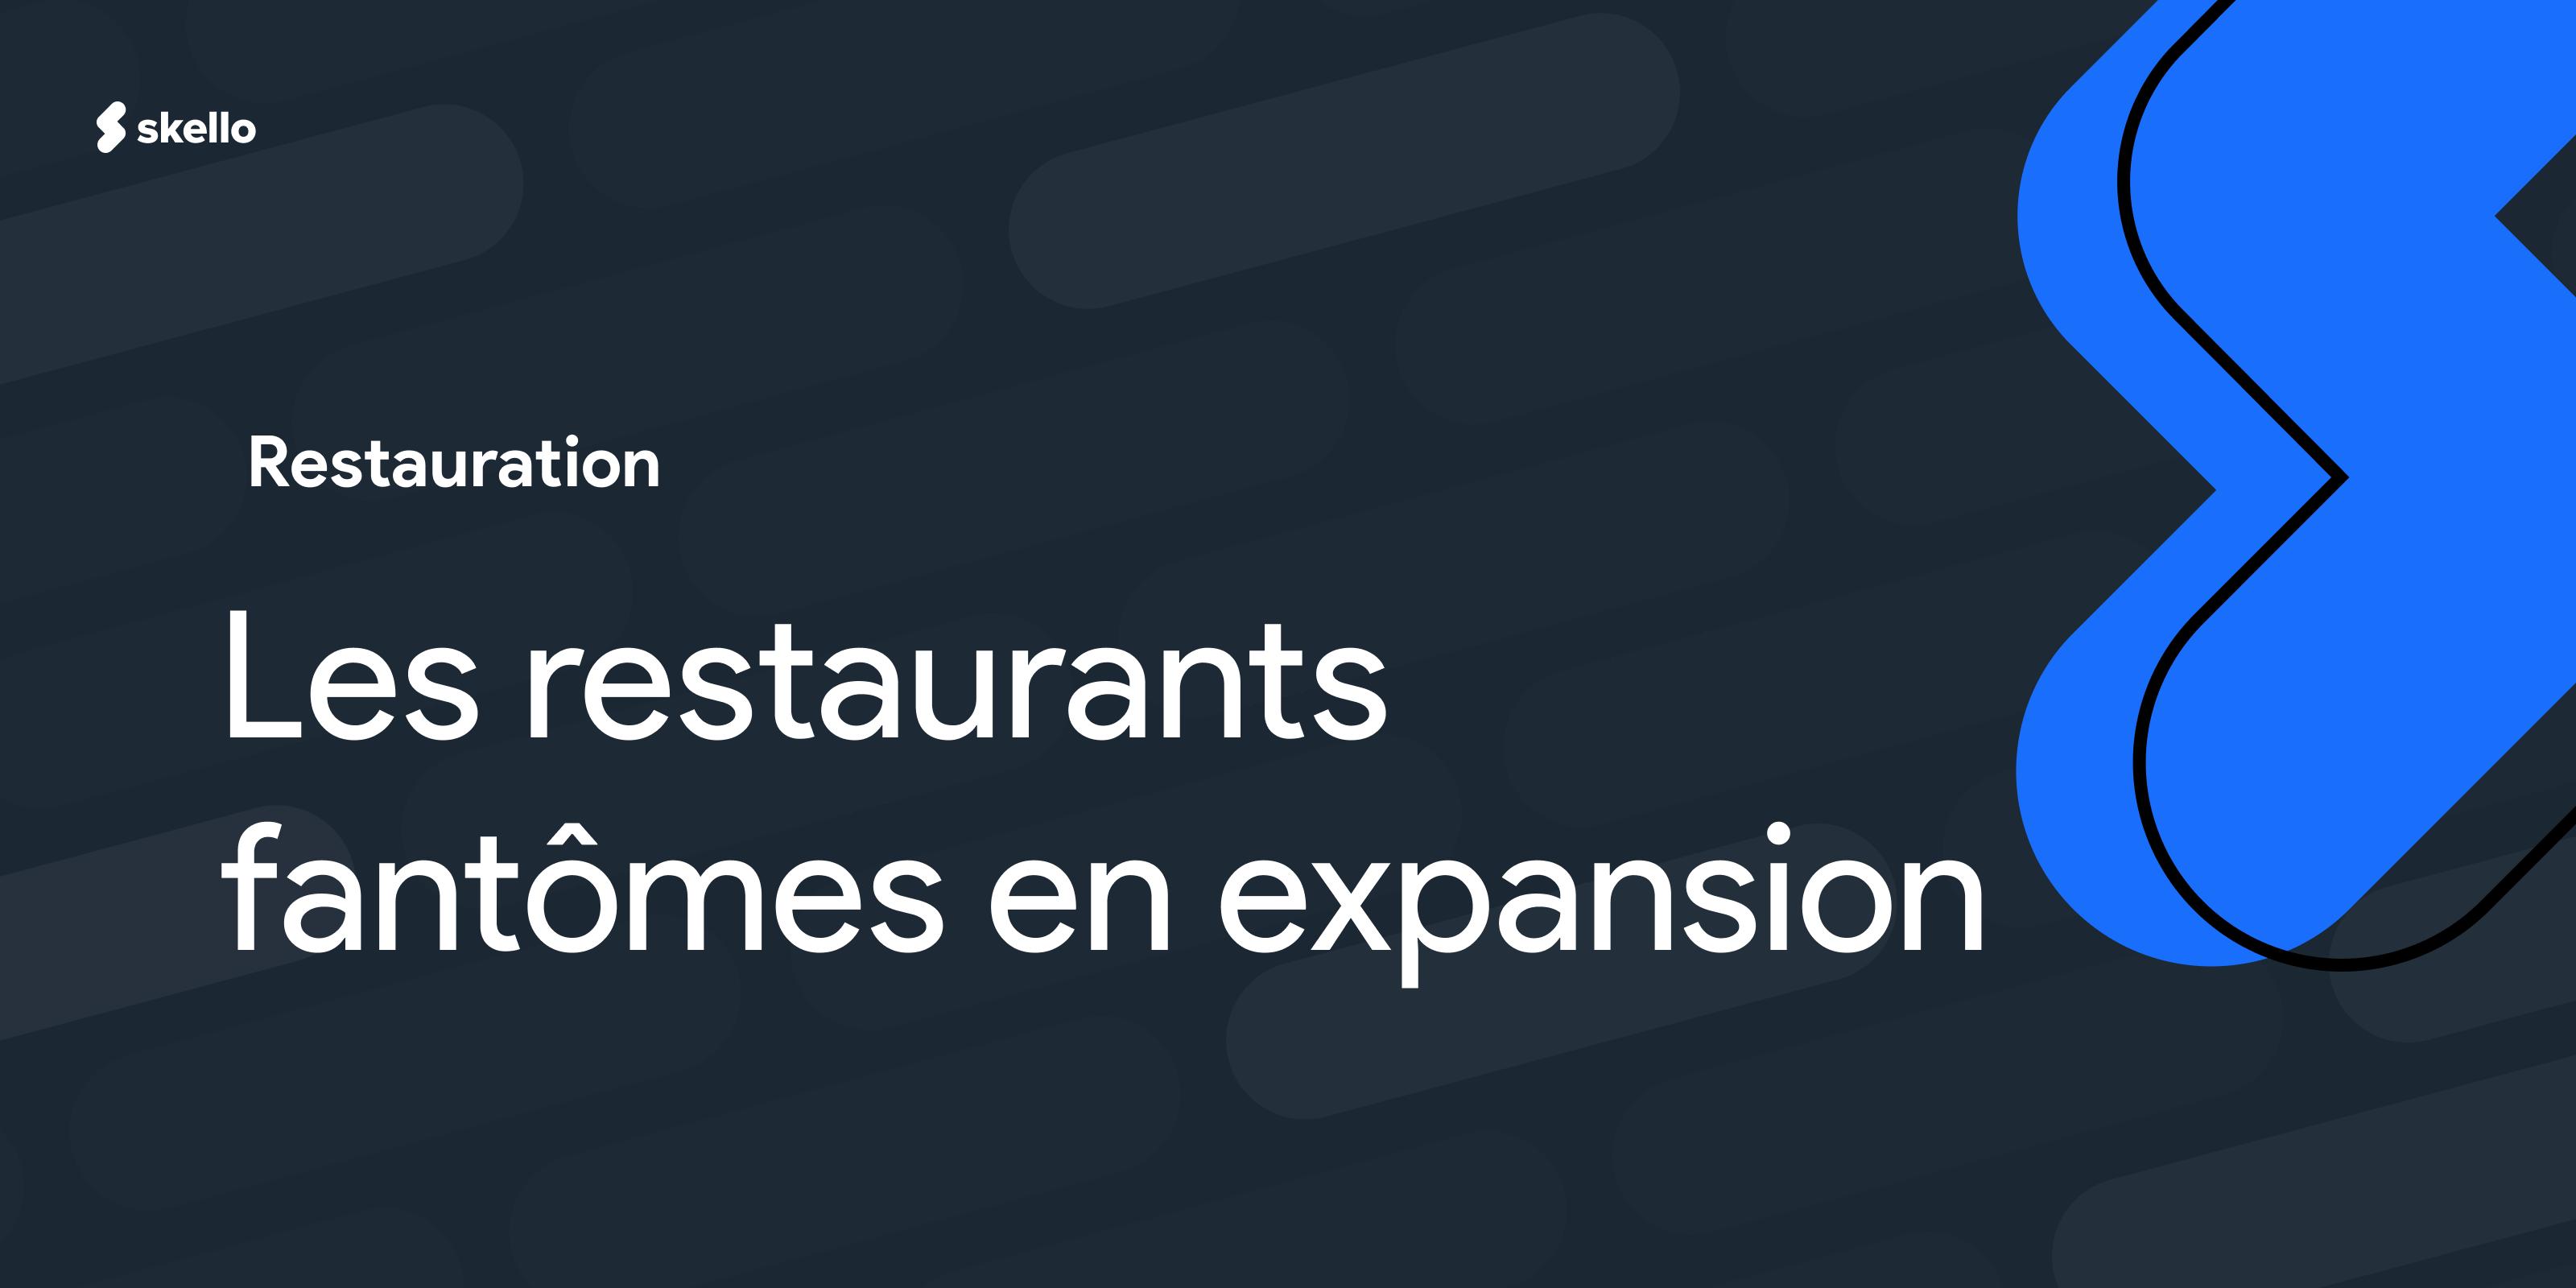 Les restaurants fantômes poursuivent leur expansion